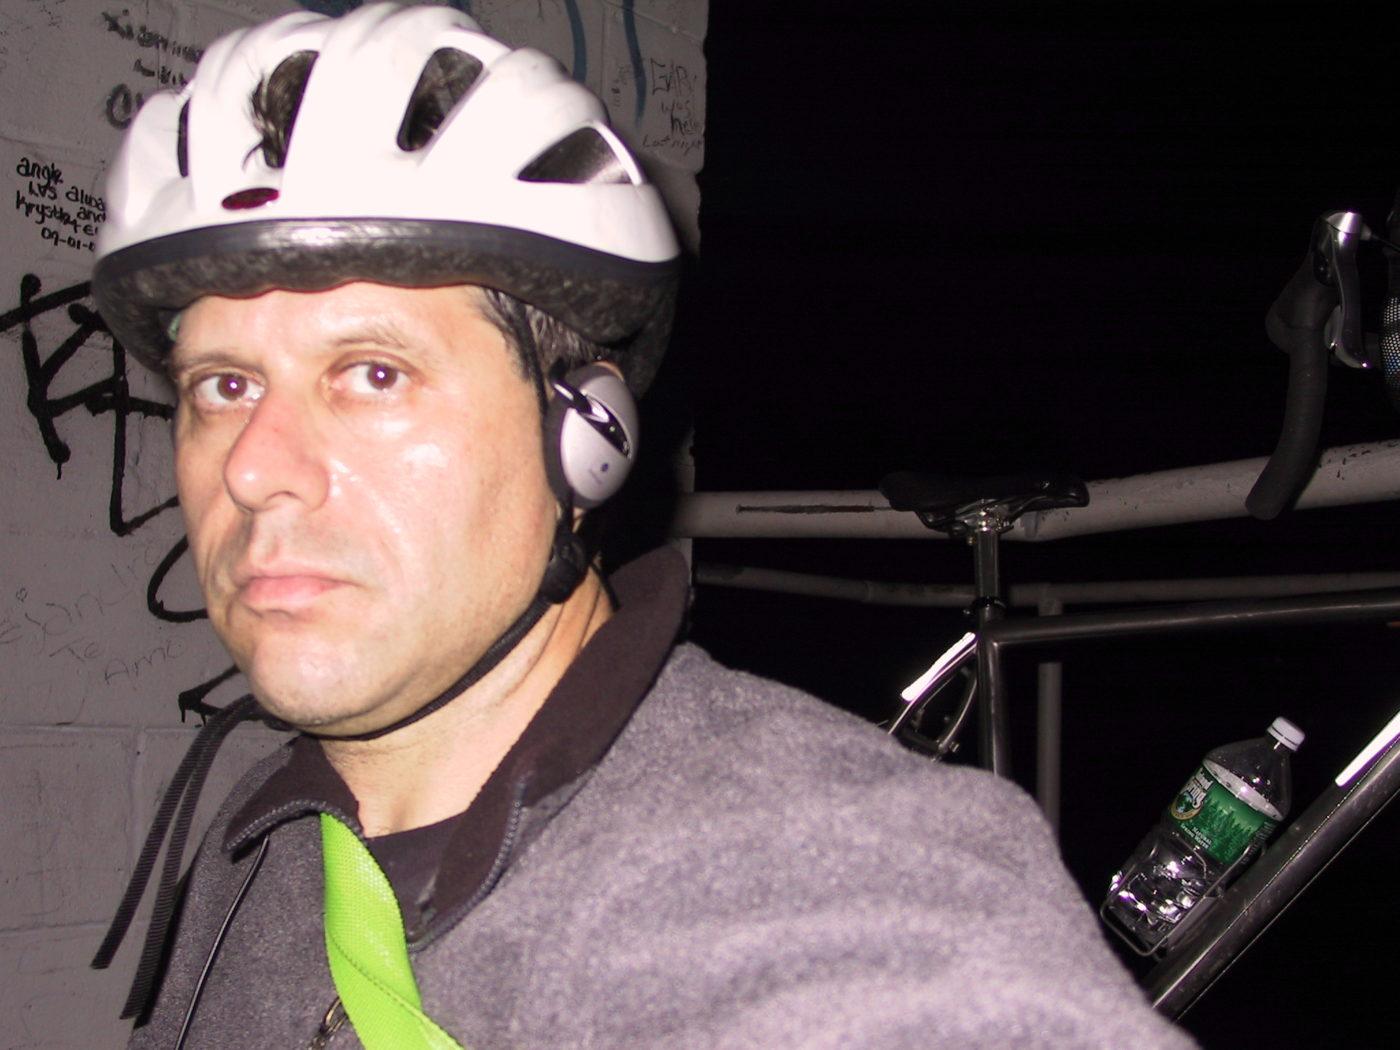 Charles Kramer- Selfie, Hoboken, September 23, 2001